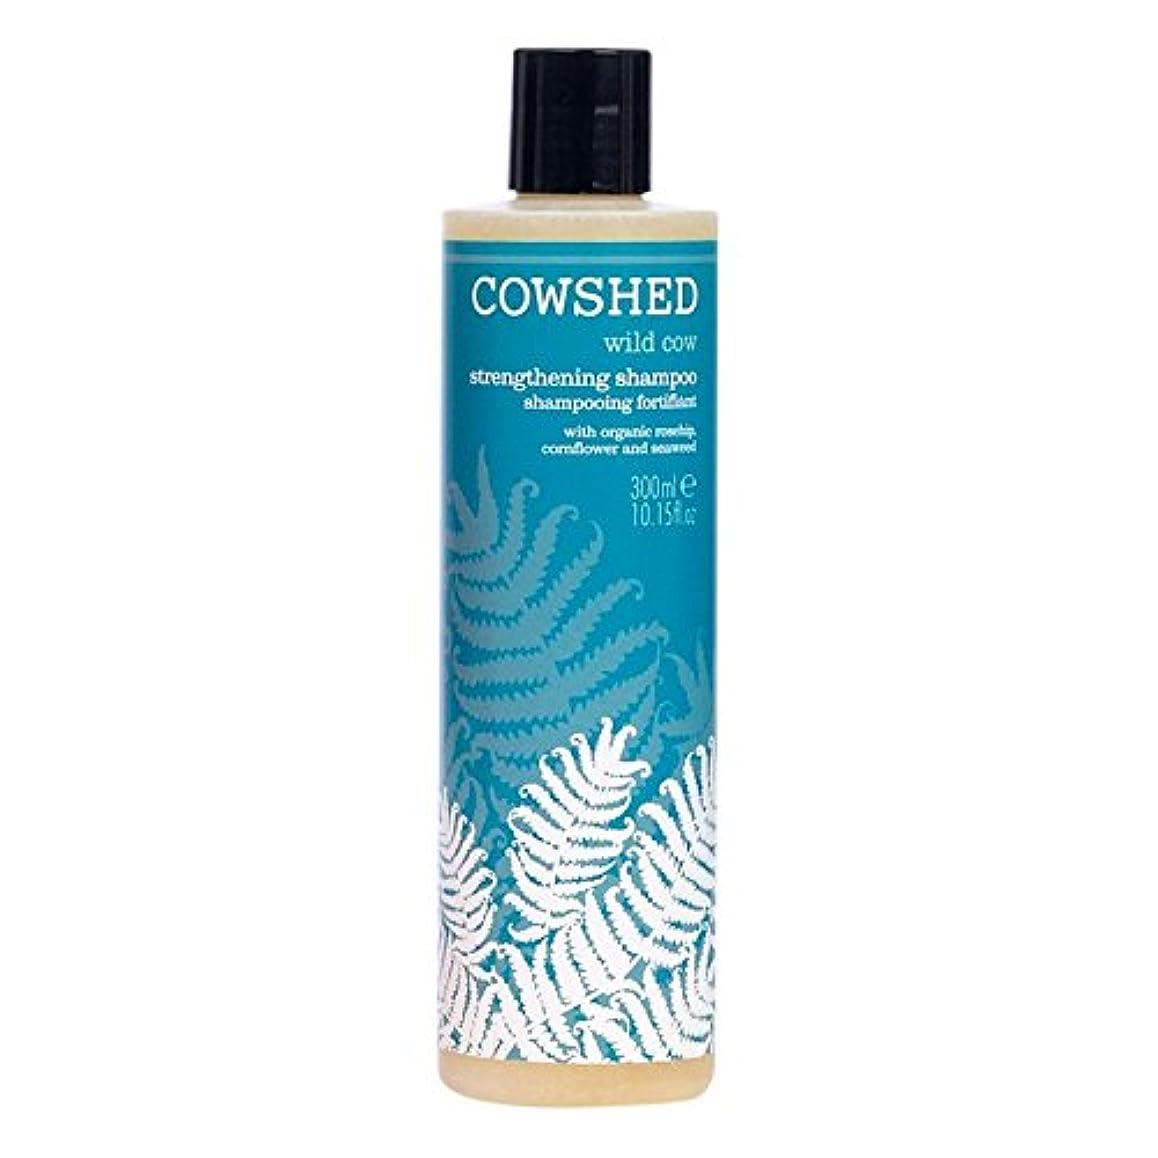 常習者エントリ悪名高い牛舎野生牛強化シャンプー300ミリリットル (Cowshed) (x2) - Cowshed Wild Cow Strengthening Shampoo 300ml (Pack of 2) [並行輸入品]